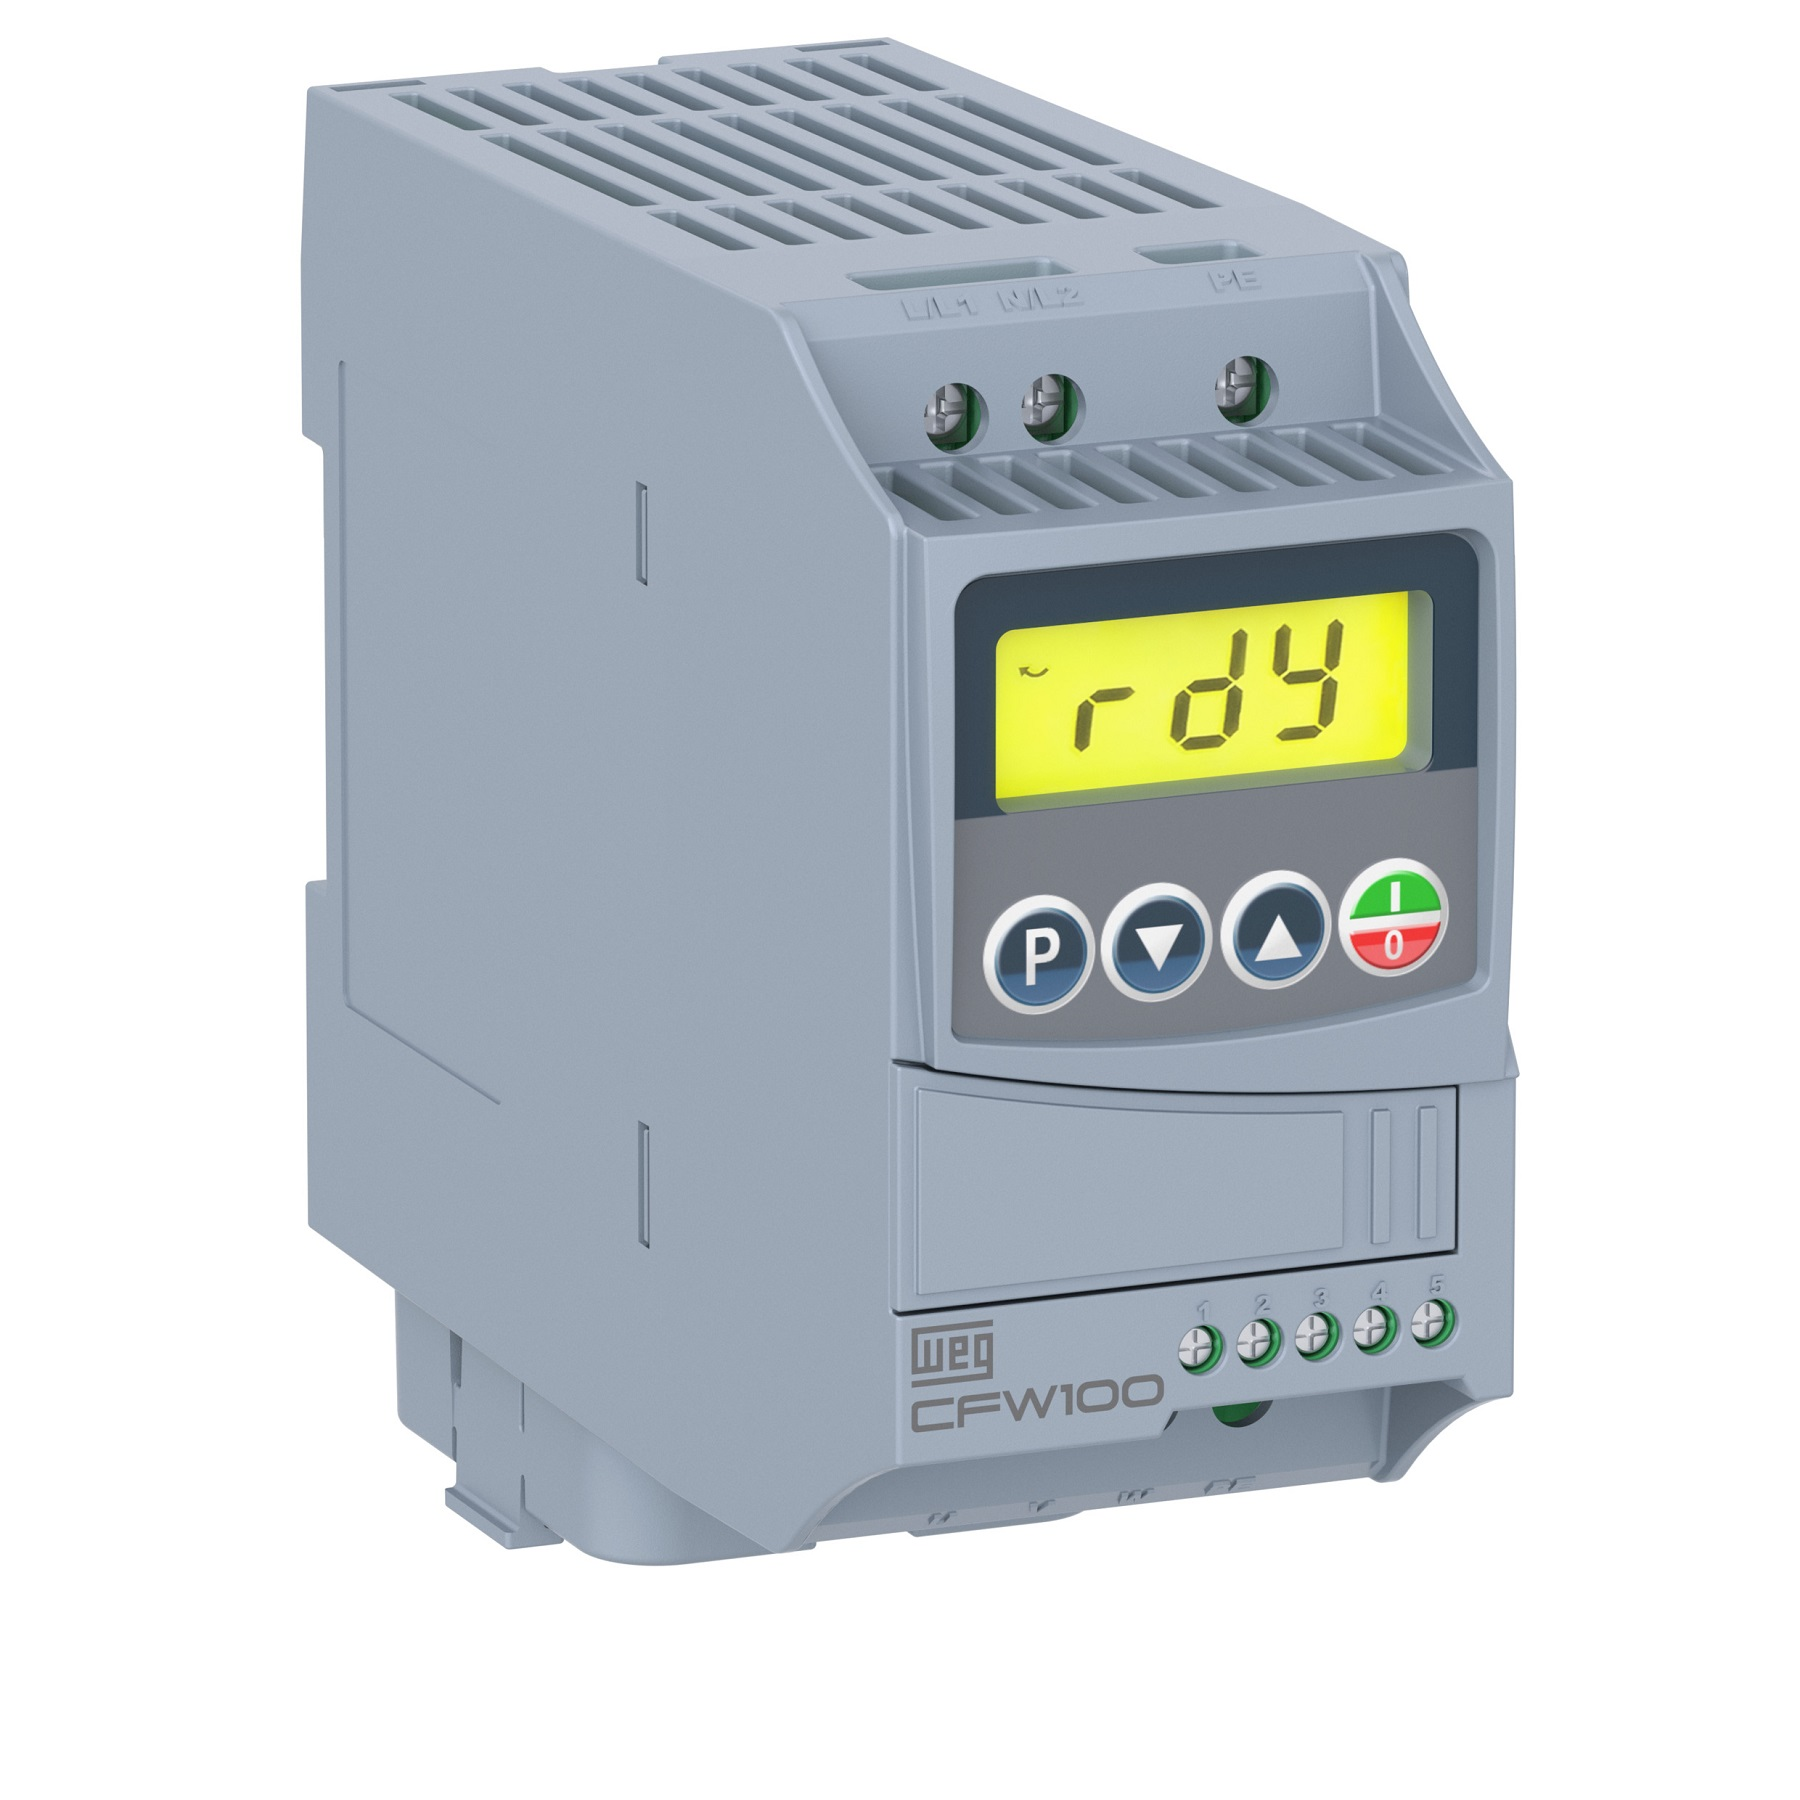 Inversor De Frequência WEG CFW100 A01P6S220G2 (entrega em 5 dias)